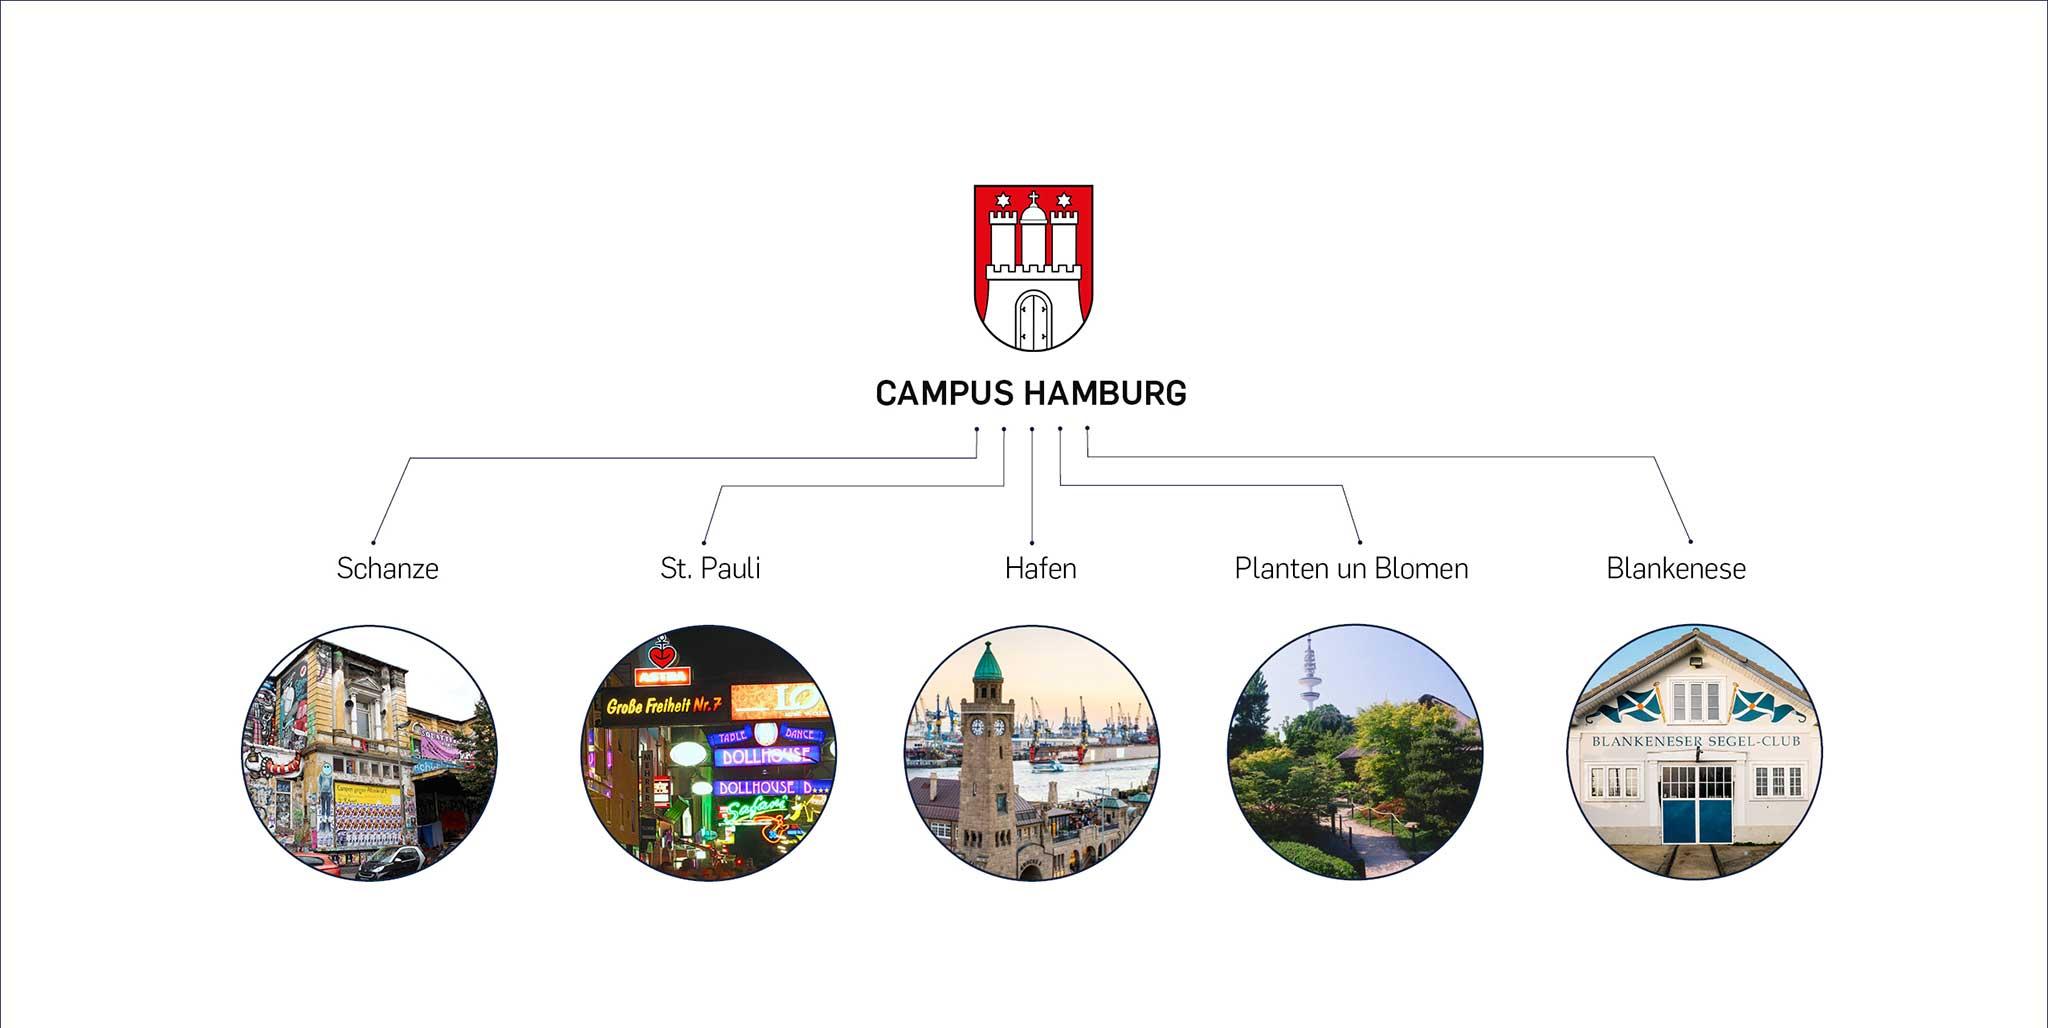 Der freenet Group Campus Hamburg: Stadtteile Hamburg, Design von der Agentur Preussisch Portugal